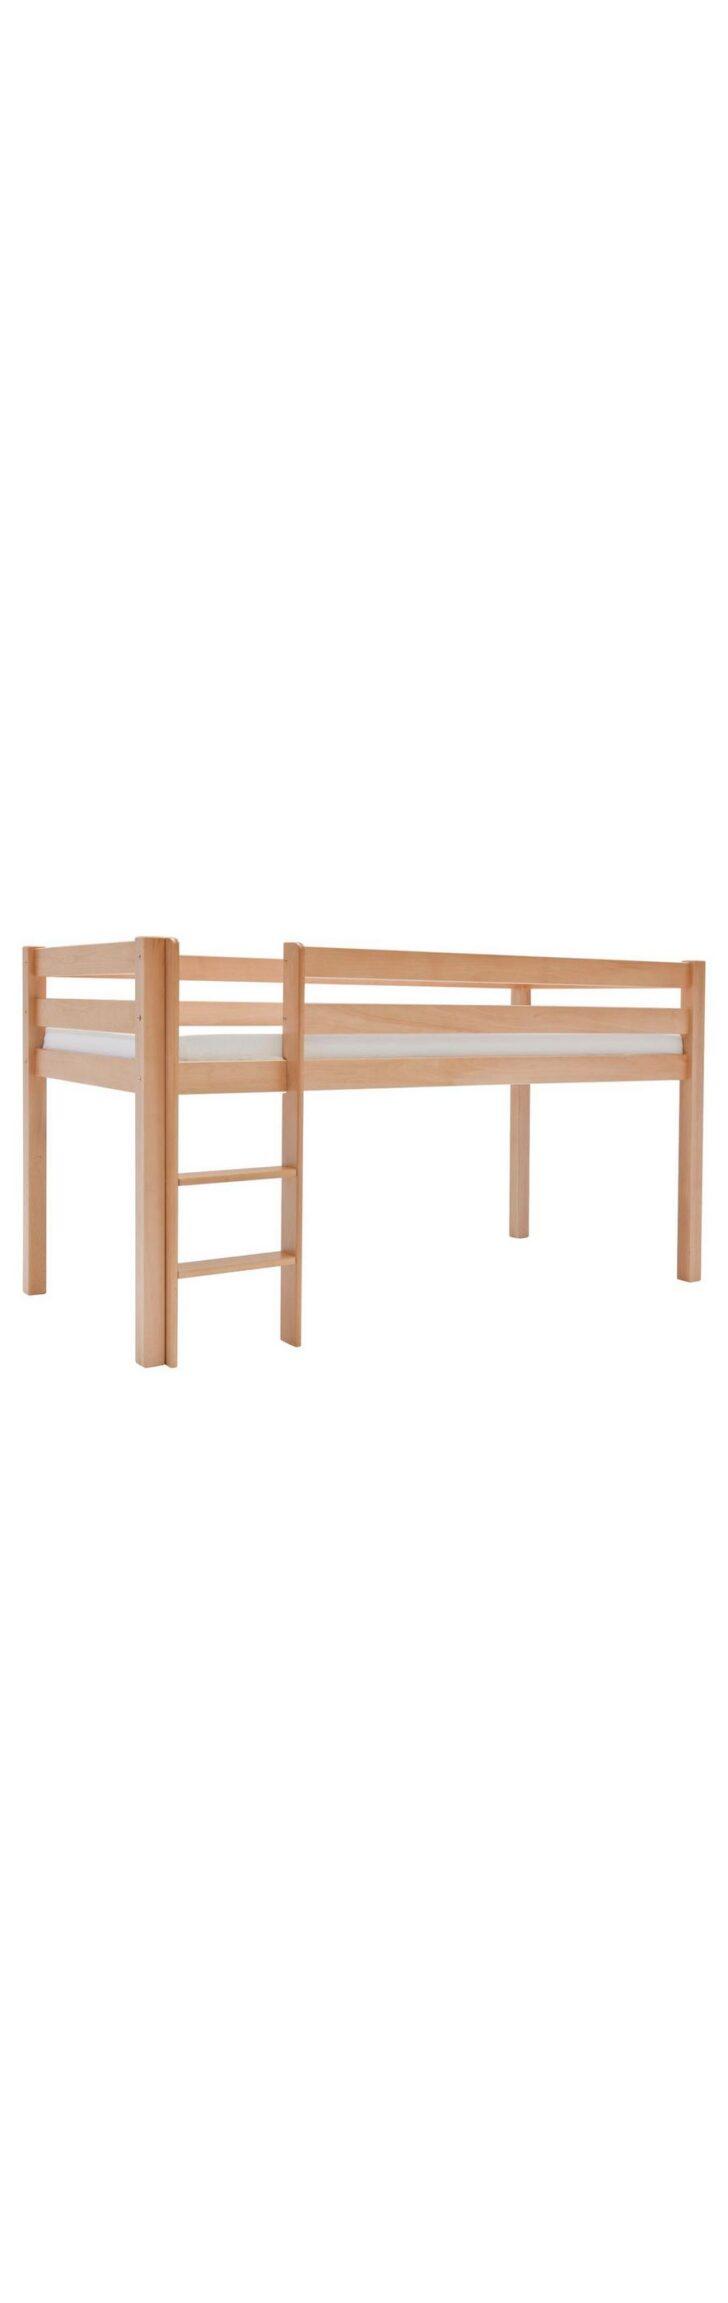 Medium Size of Bett Design Holz Hochbett 90 200 Cm Buche Massiv Bestellen Trends Betten Massivholz 180x200 Podest Schwarz Weiß Rustikales Sonoma Eiche 140x200 Stauraum Wohnzimmer Bett Design Holz